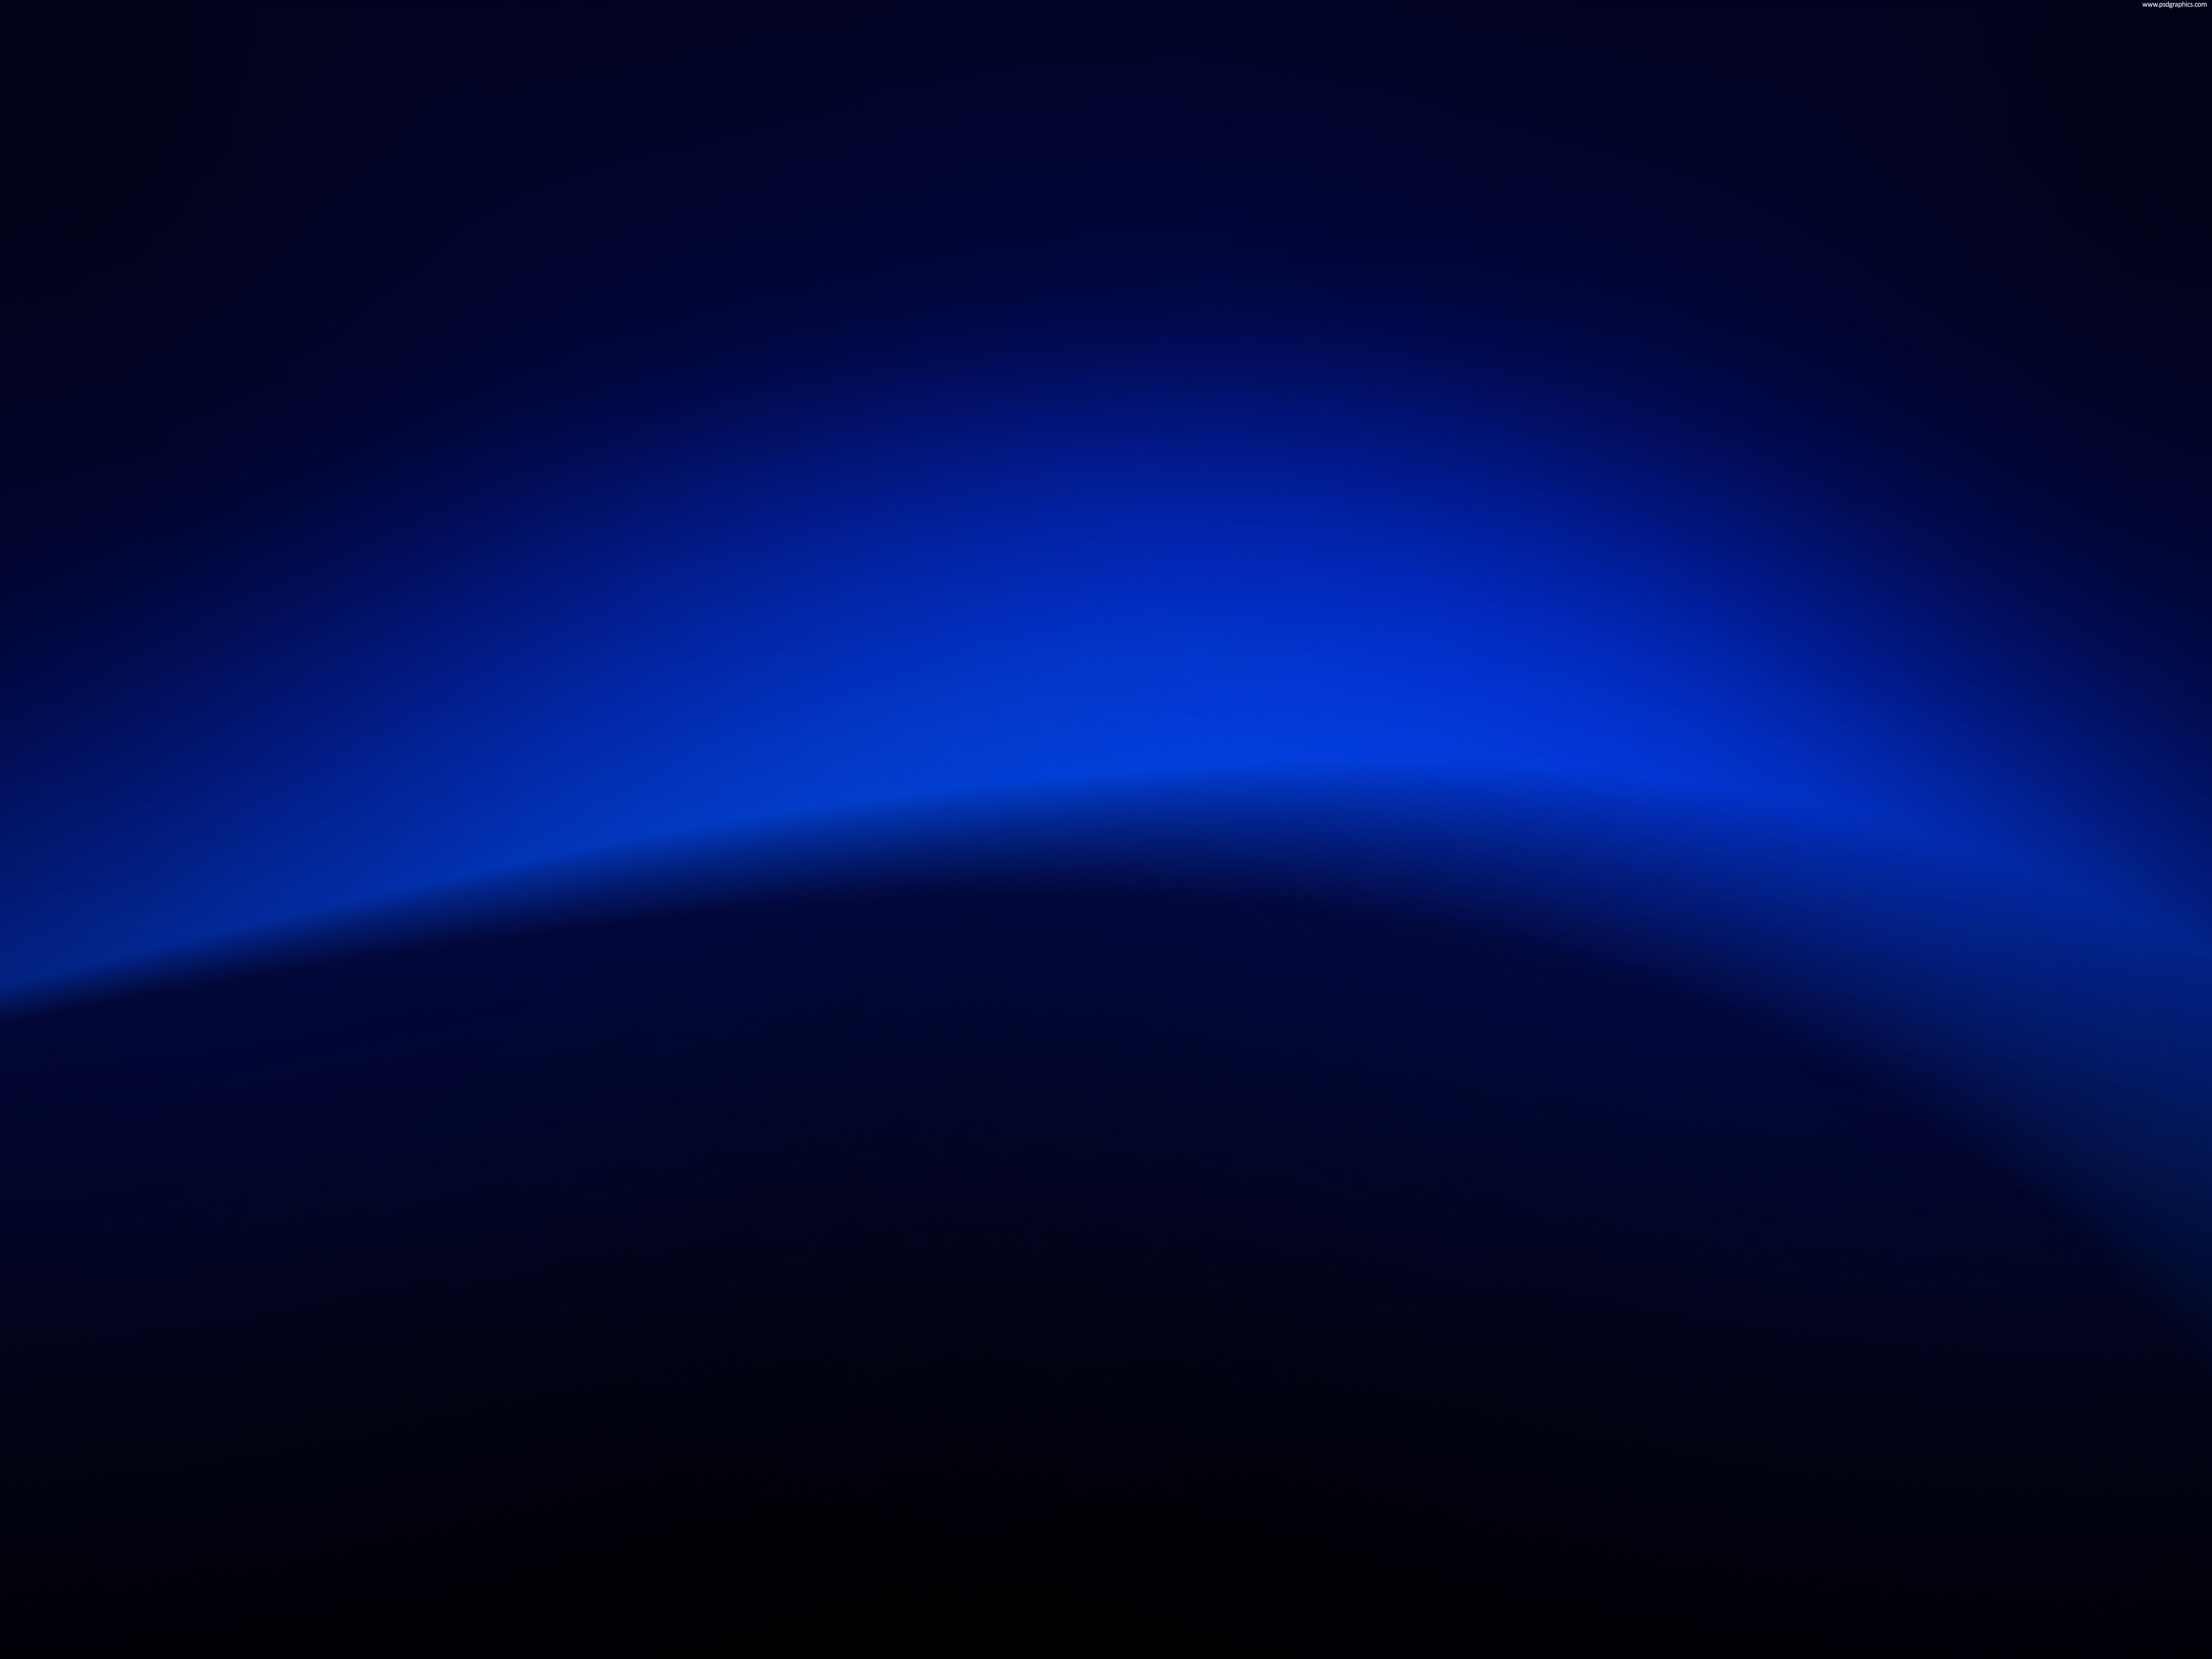 Dark Blue Backgrounds - WallpaperSafari